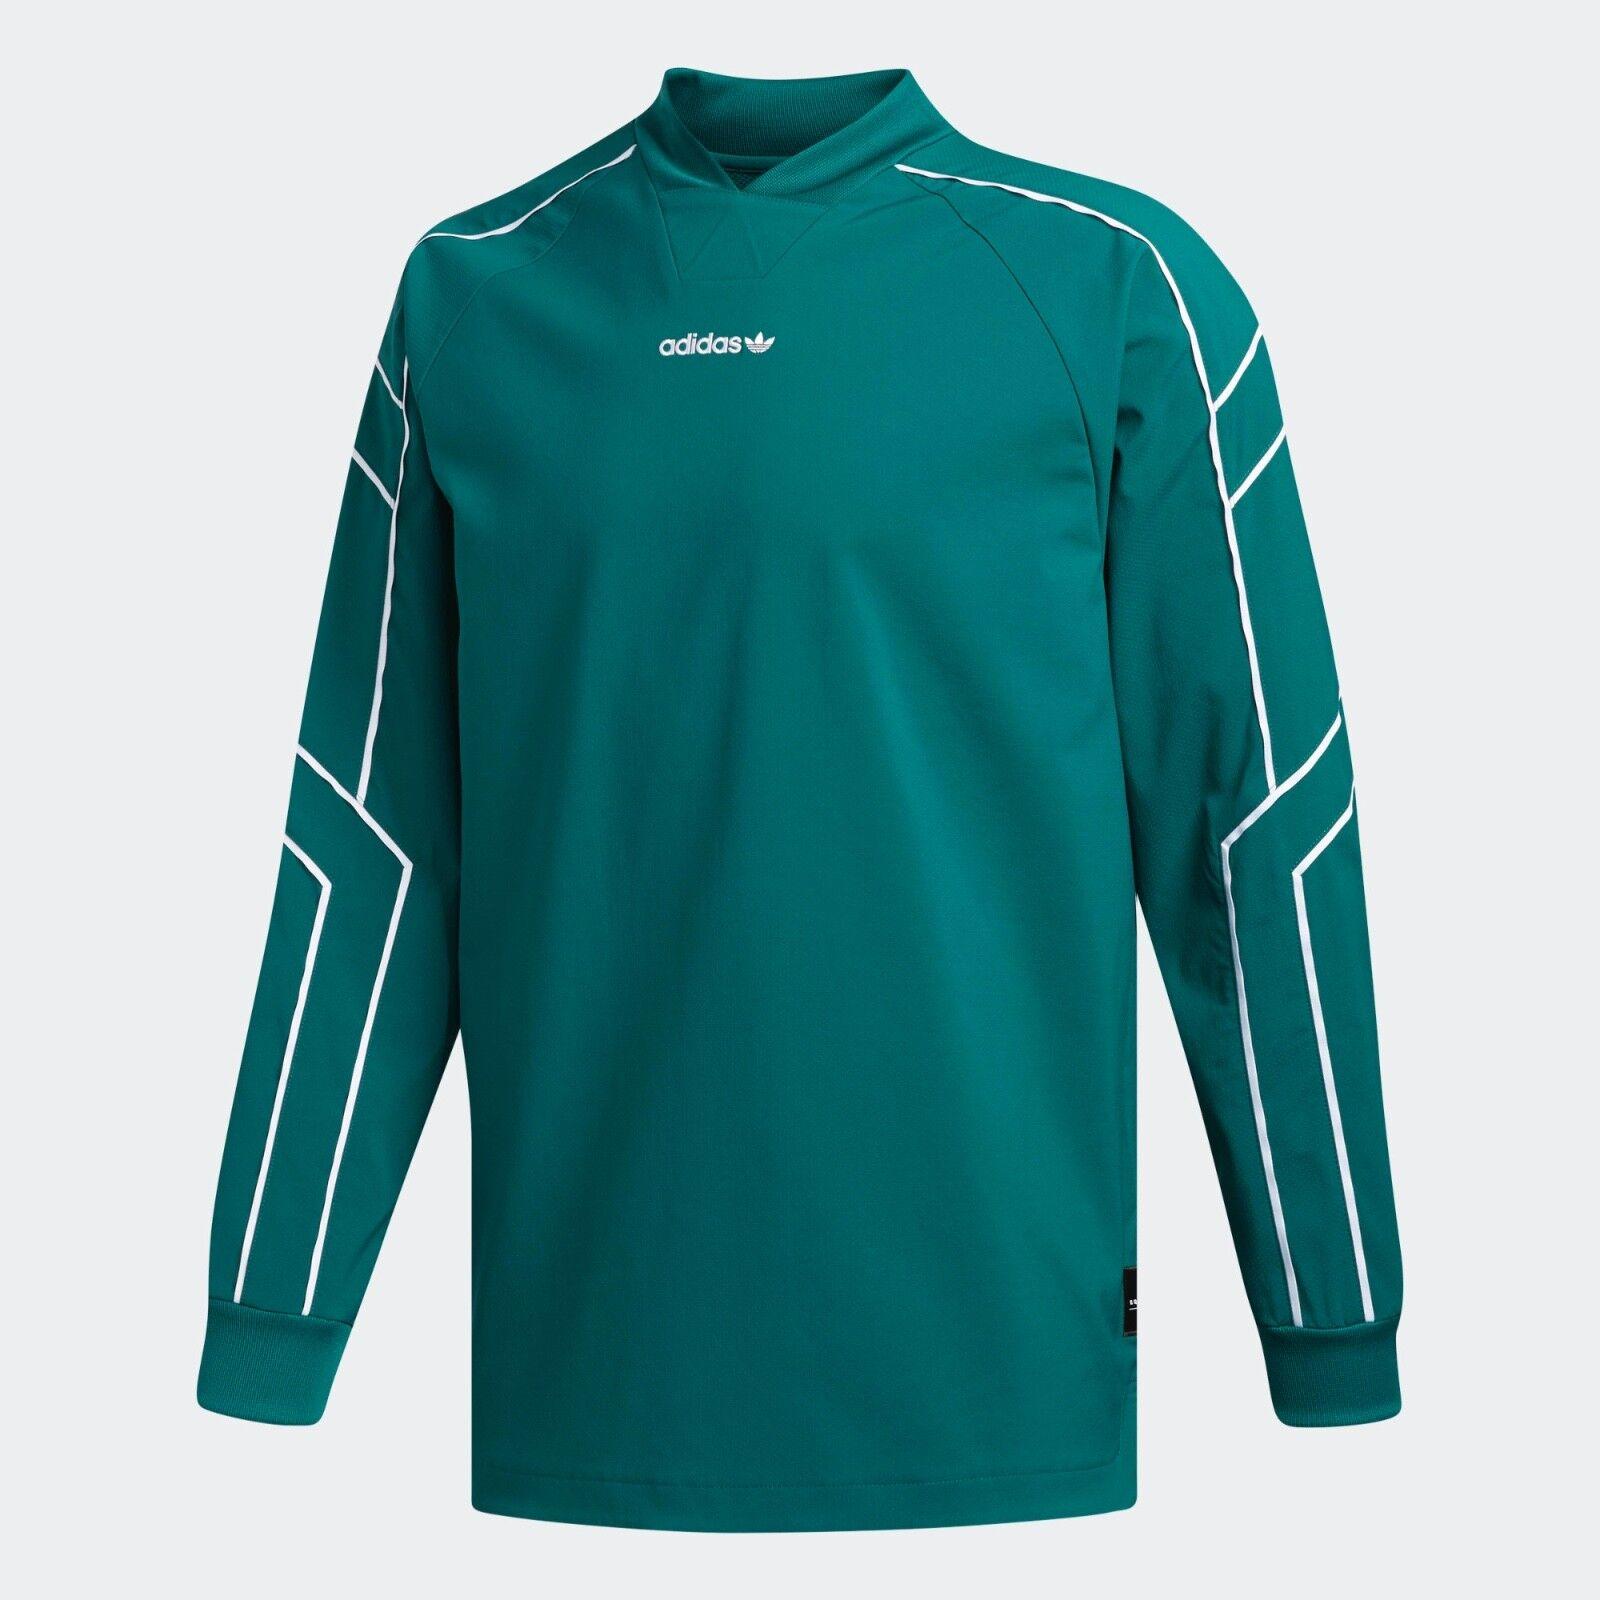 NWT Adidas Men's Originals EQT Goalie Jersey Green SMALL DH5142  D88